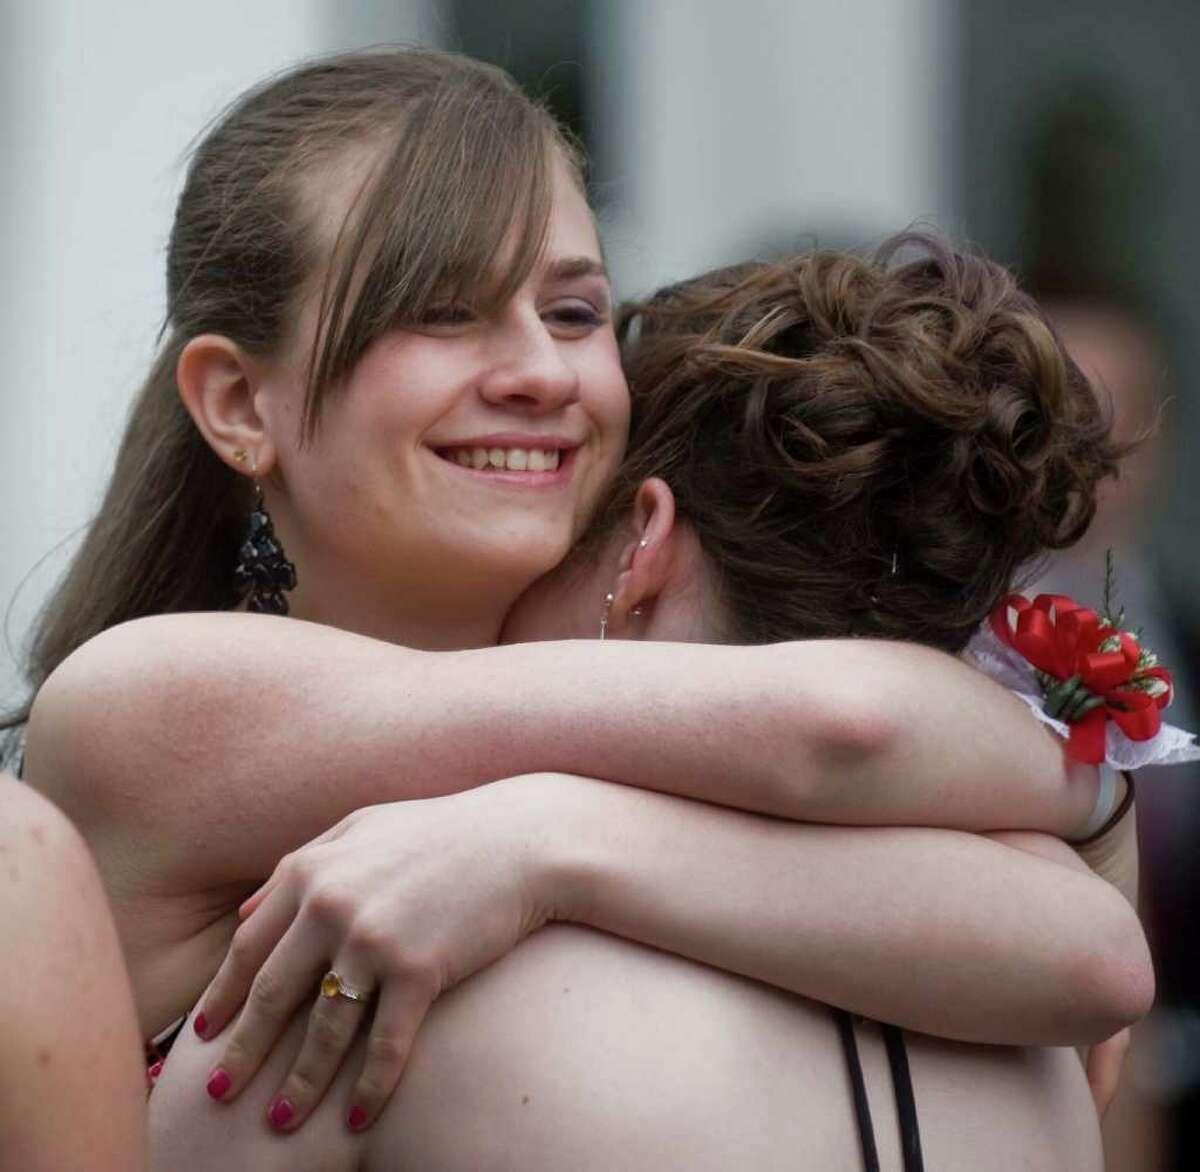 Abbott Tech junior Kyra Sterzinger receives a hug at the senior prom held at the Fox Hill Inn in Brookfield. Friday, May 20, 2011